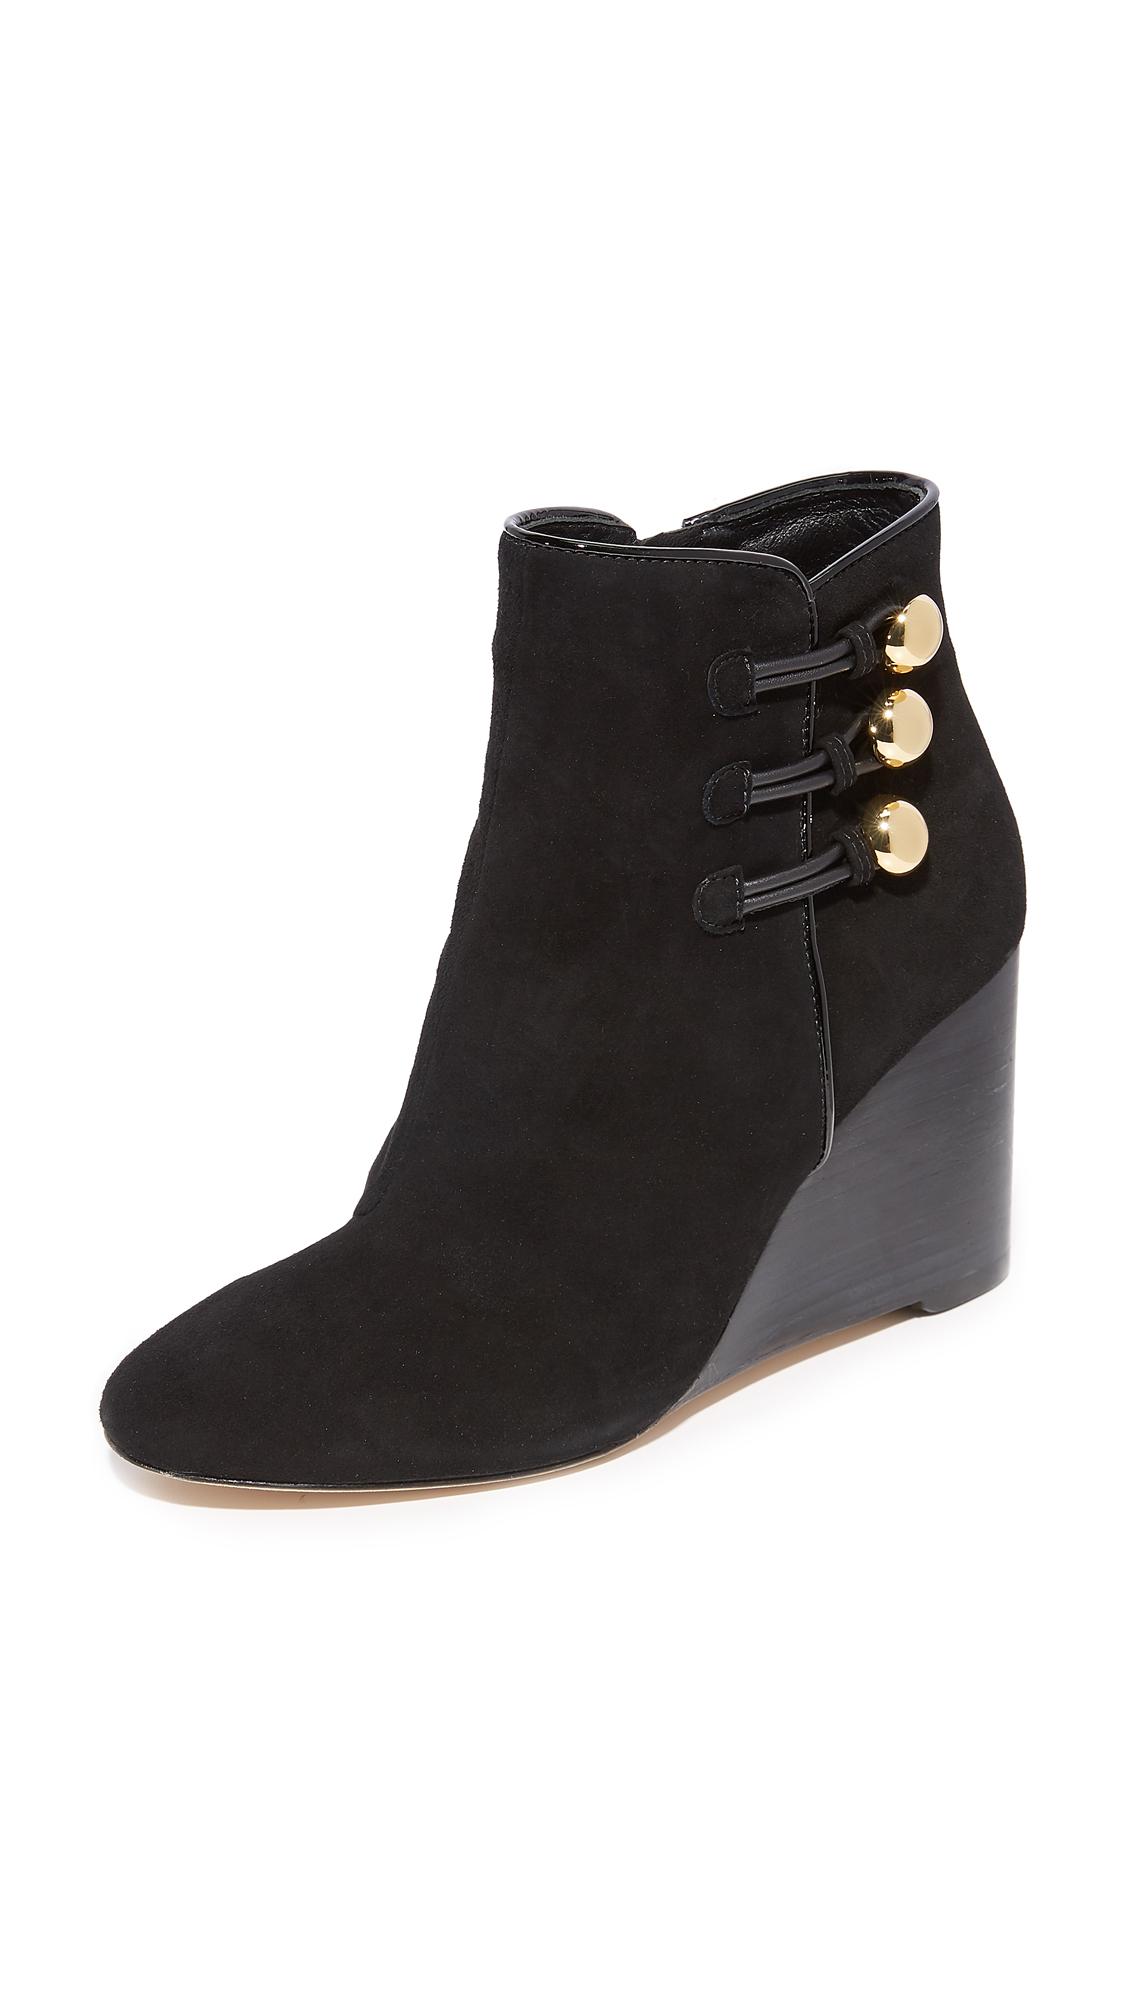 Kate Spade New York Geraldine Wedge Booties - Black